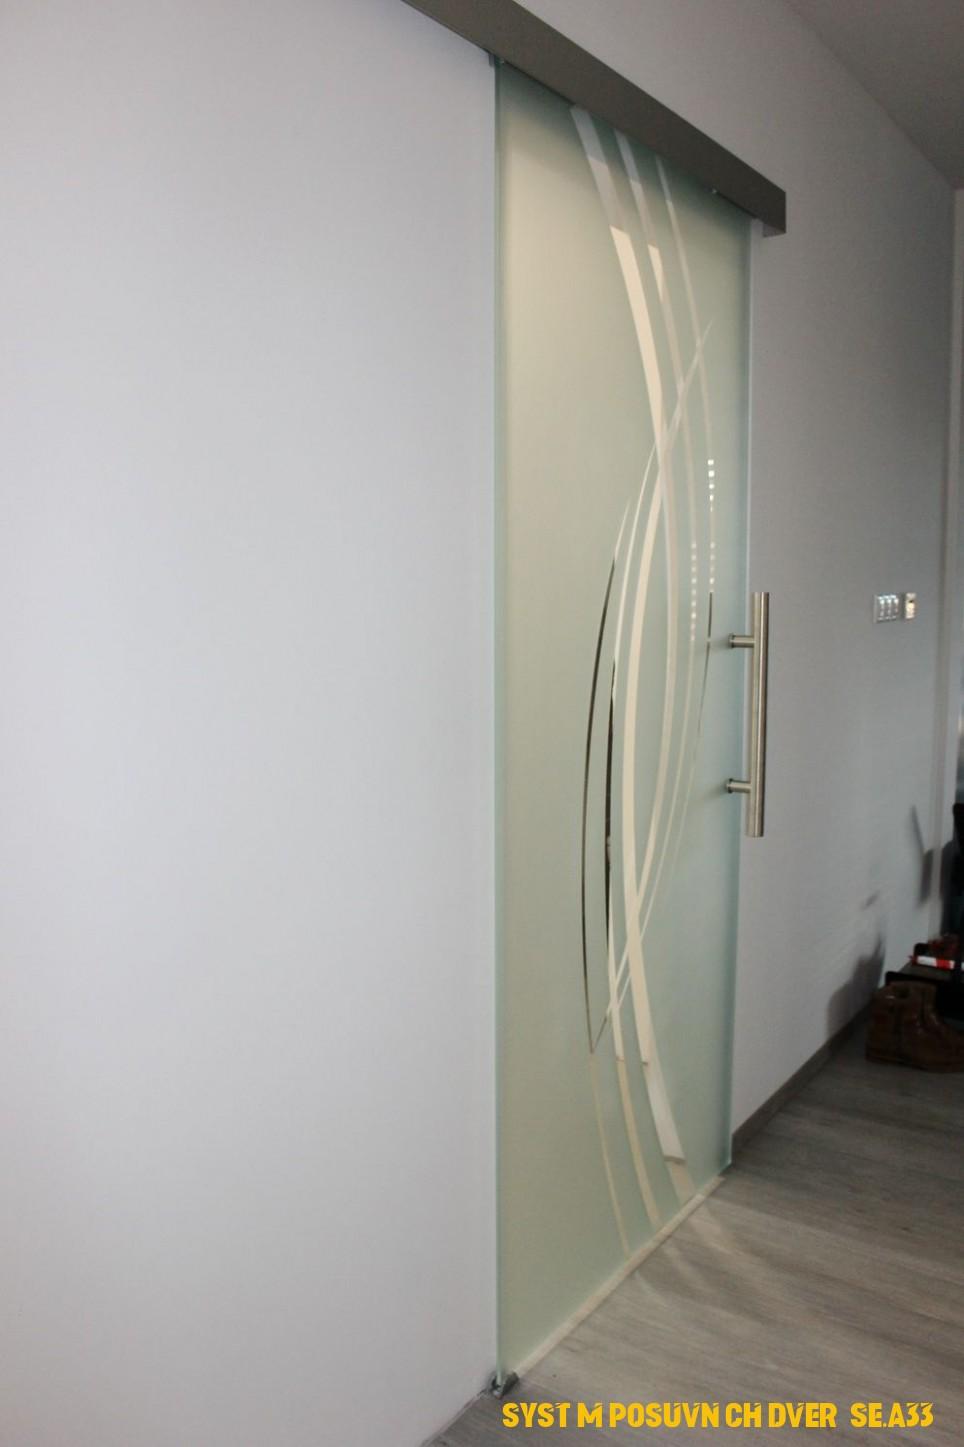 Systém posuvných dverí SE.A33